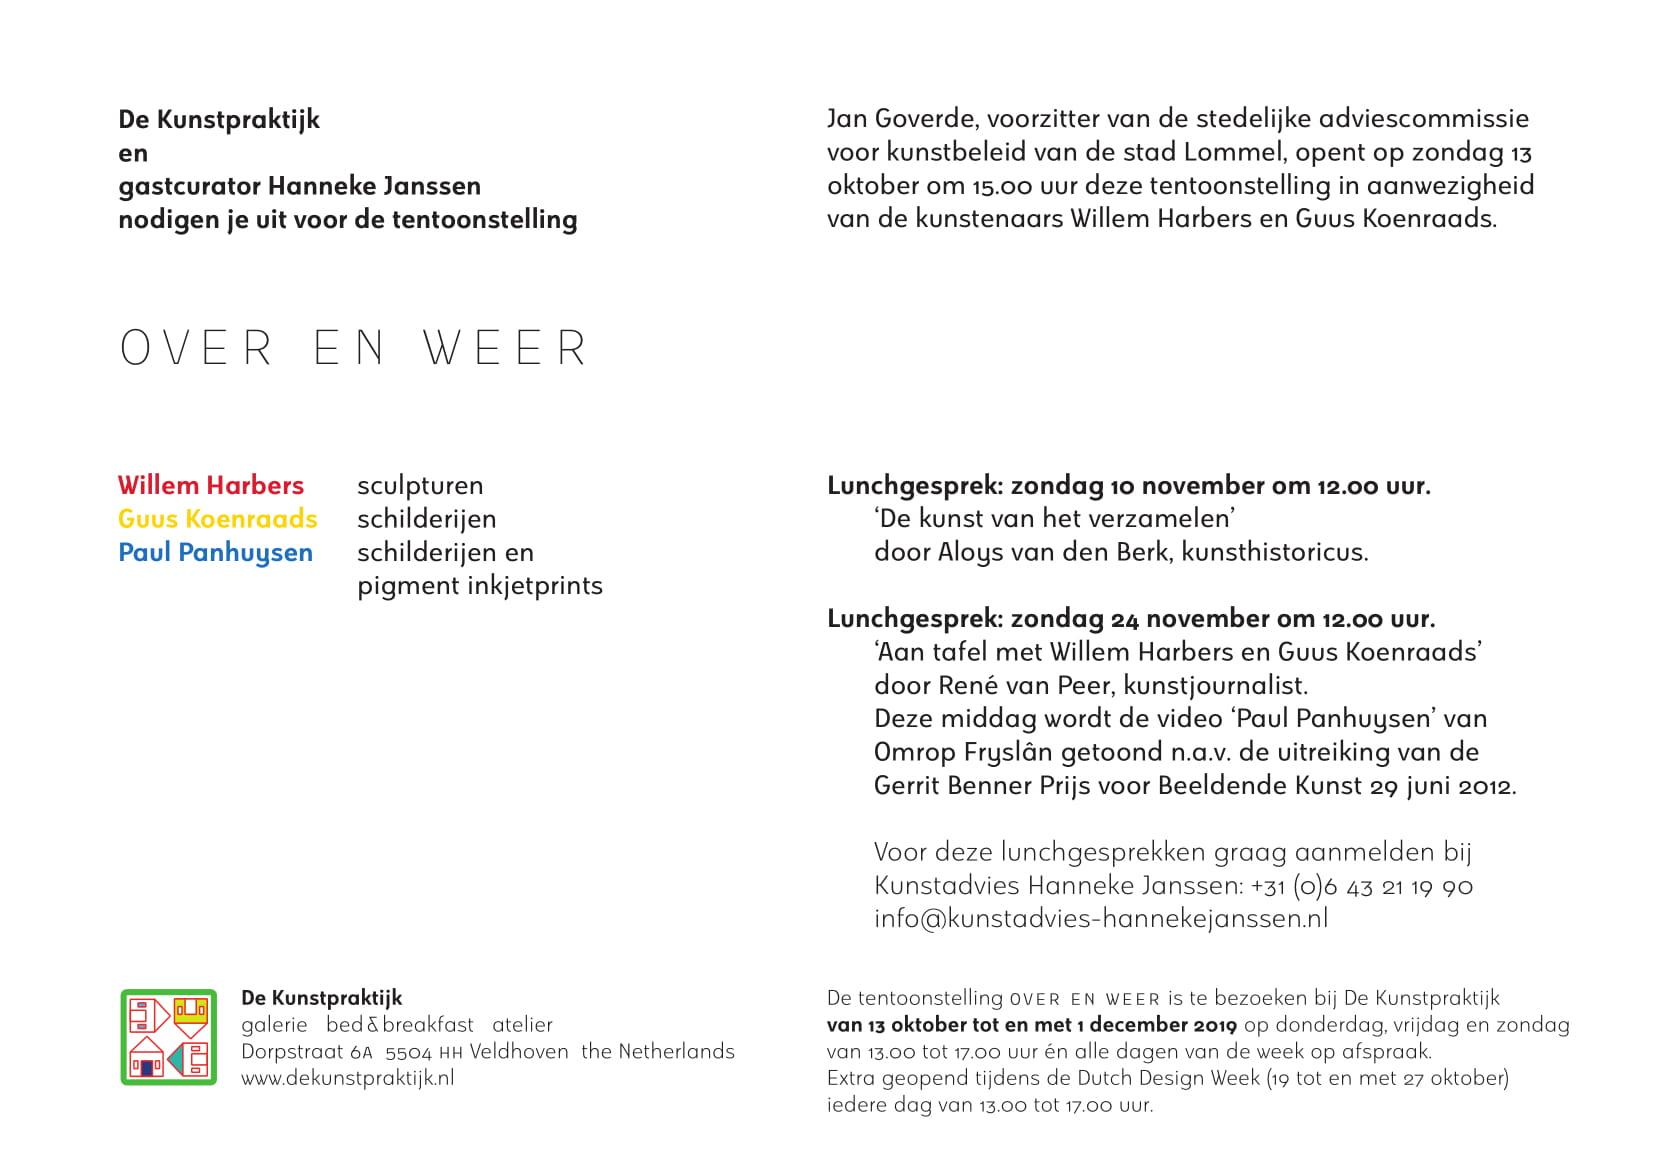 De kunstpraktijk - OVER EN WEER - Kunstadvies Hanneke Janssen